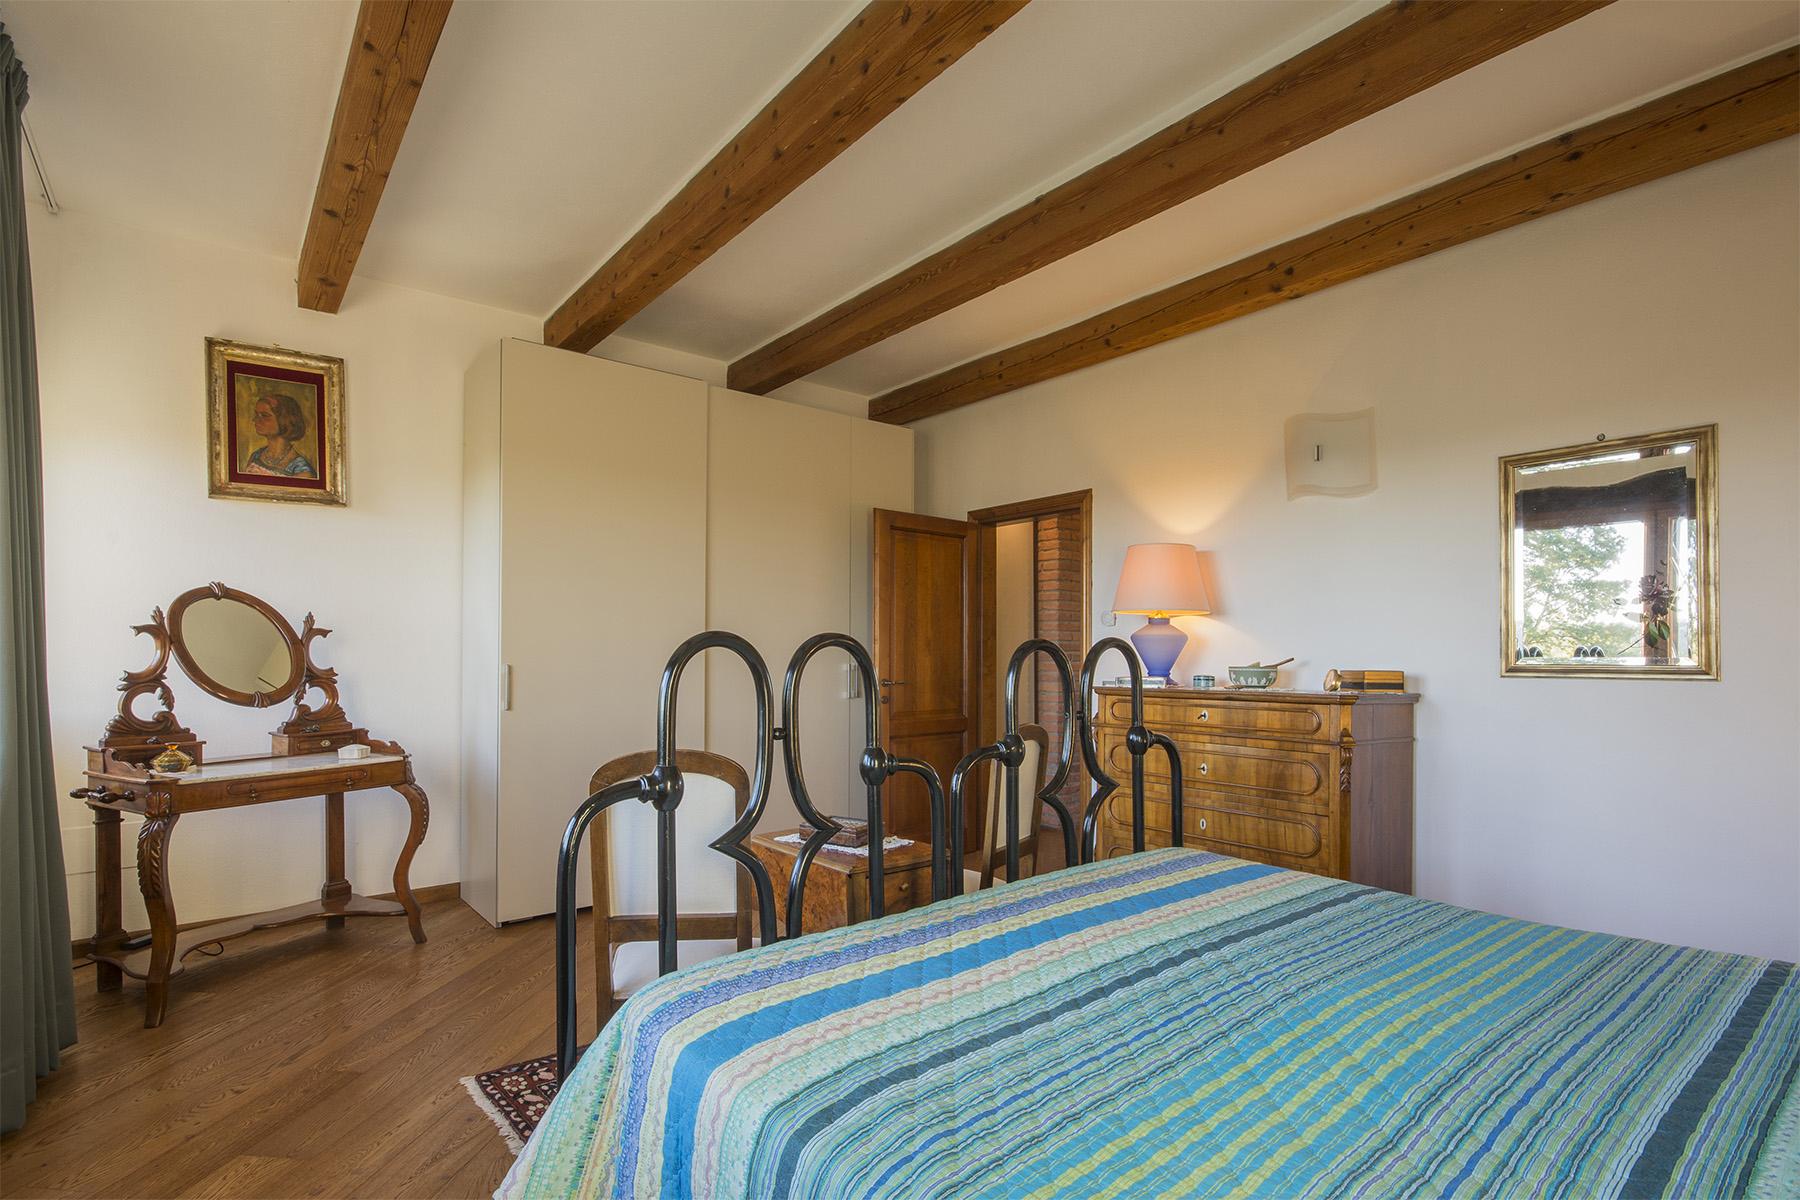 Villa in Vendita a San Miniato: 5 locali, 500 mq - Foto 16